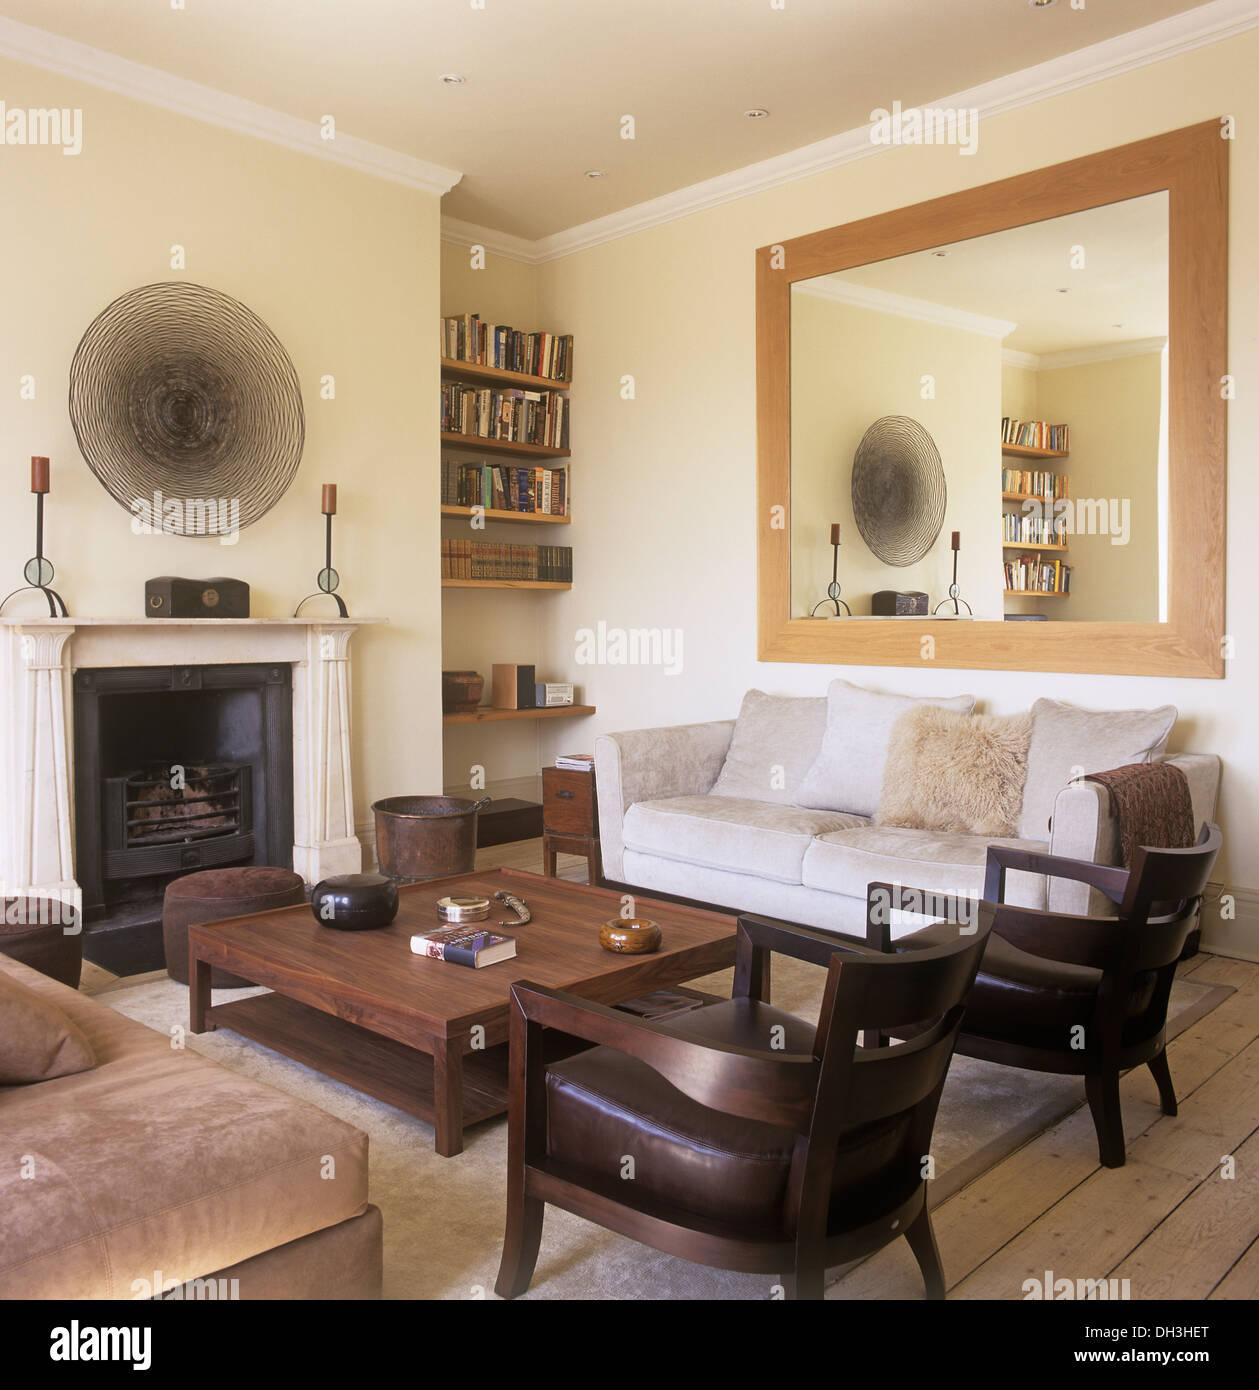 Große Spiegel über Dem Sofa Im Wohnzimmer Stadthaus Mit Couchtisch Aus Holz  Und Holz + Lederstühlen Vor Kamin